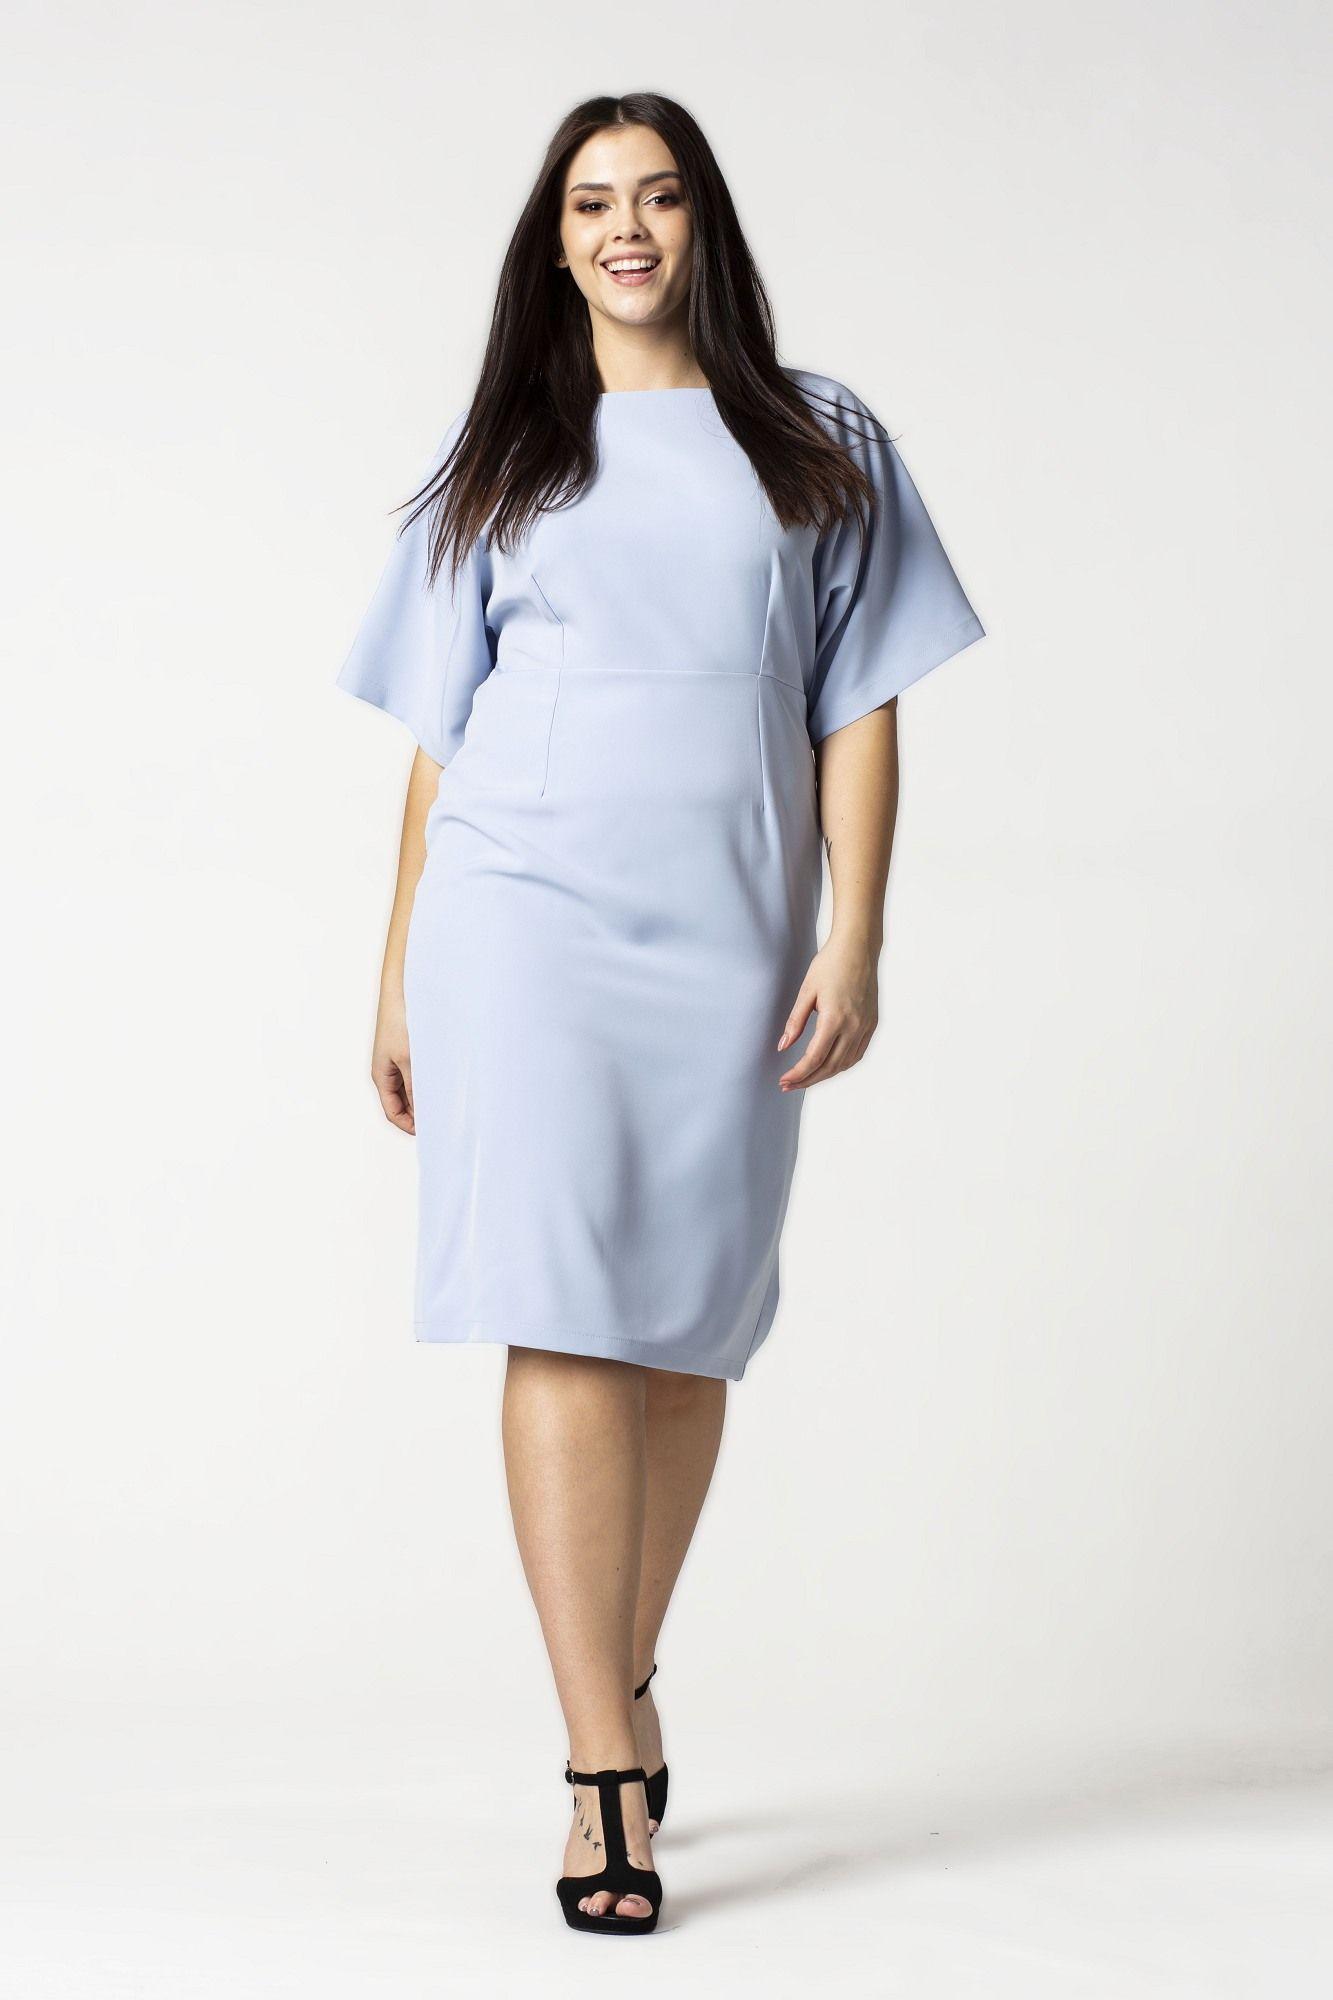 a291e4a912 Sukienka MEGAN w minimalistycznym stylu to ciekawa alternatywa dla  jaskrawych i pełnych przepychu trendów. Model